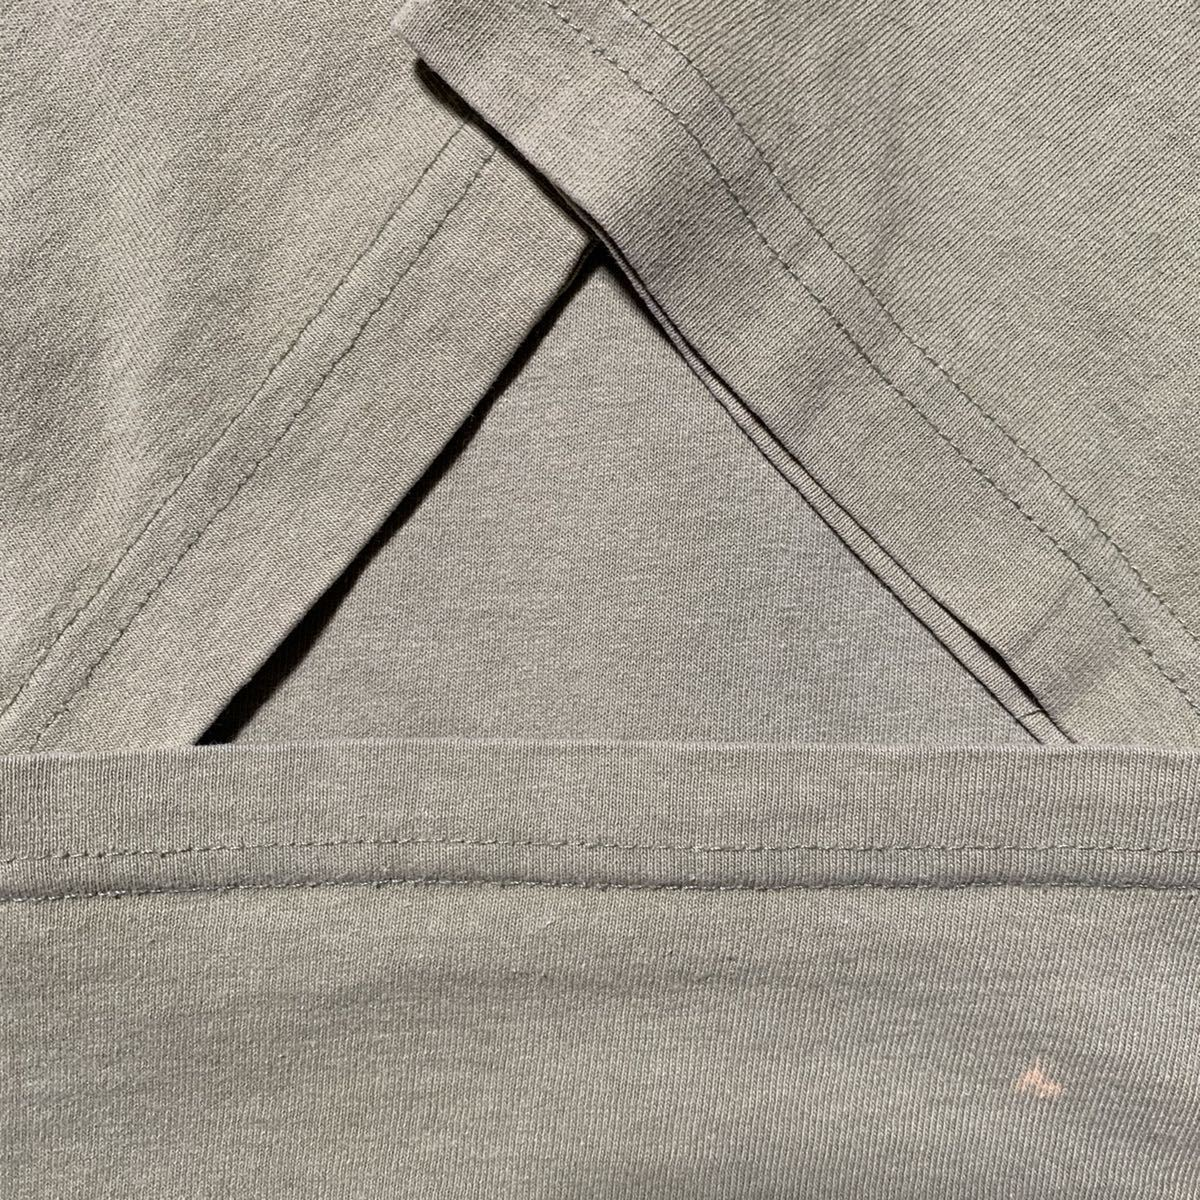 【希少】90s PATAGONIA 北斎 Tシャツ ヴィンテージ オーガニックコットン / 波タグ 黒タグ 初期 雪無し champion levis 70s 80s usa